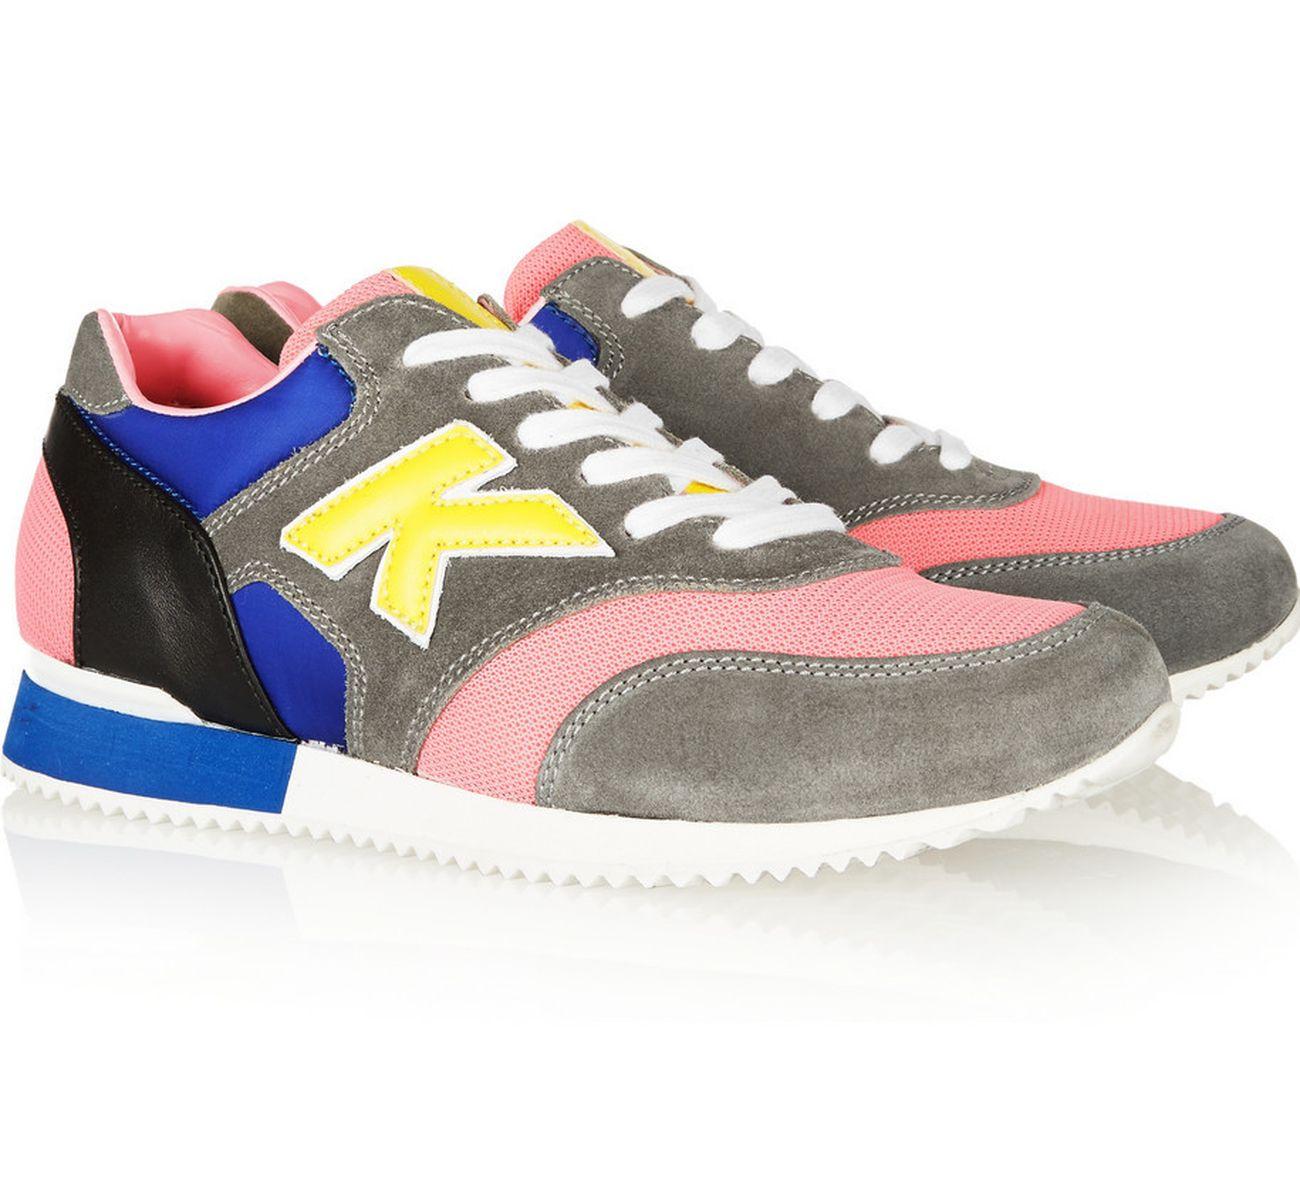 Foto: Unas zapatillas de Karl Lagerfeld que habrían podido diseñar en New Balance